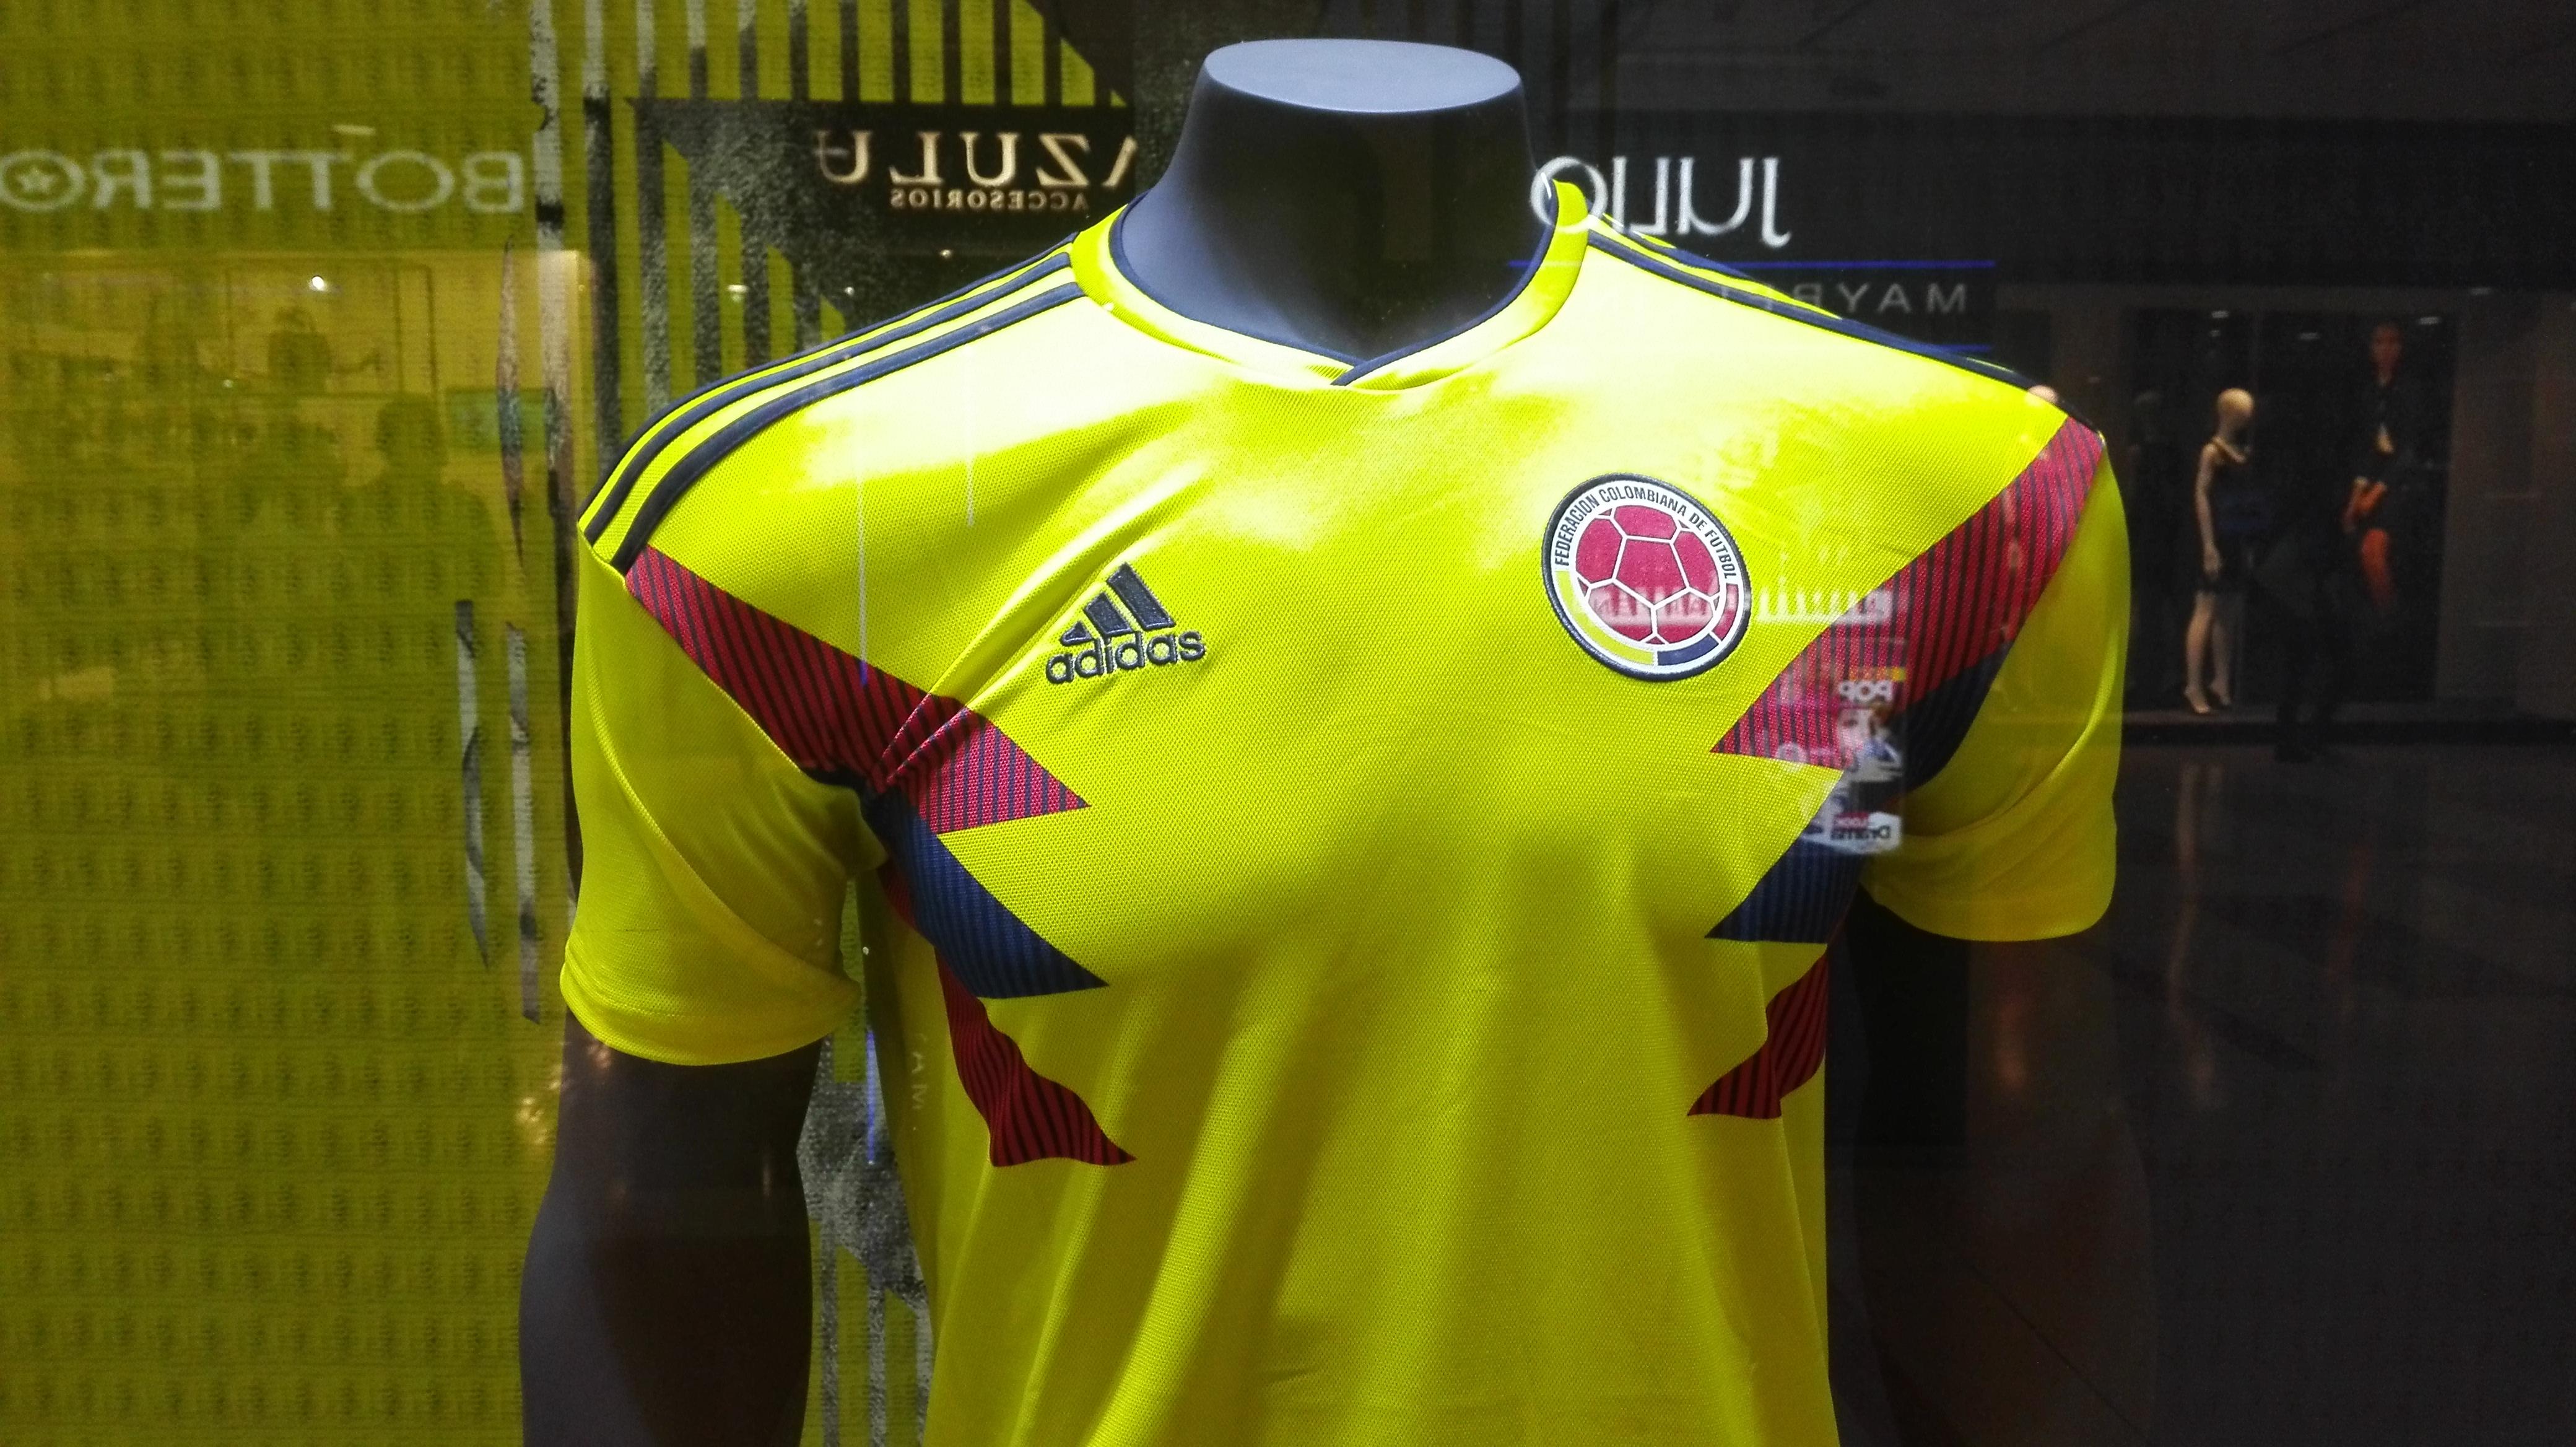 Uniforme de la selección de fútbol de Colombia - Wikipedia 02cc9646bb28b